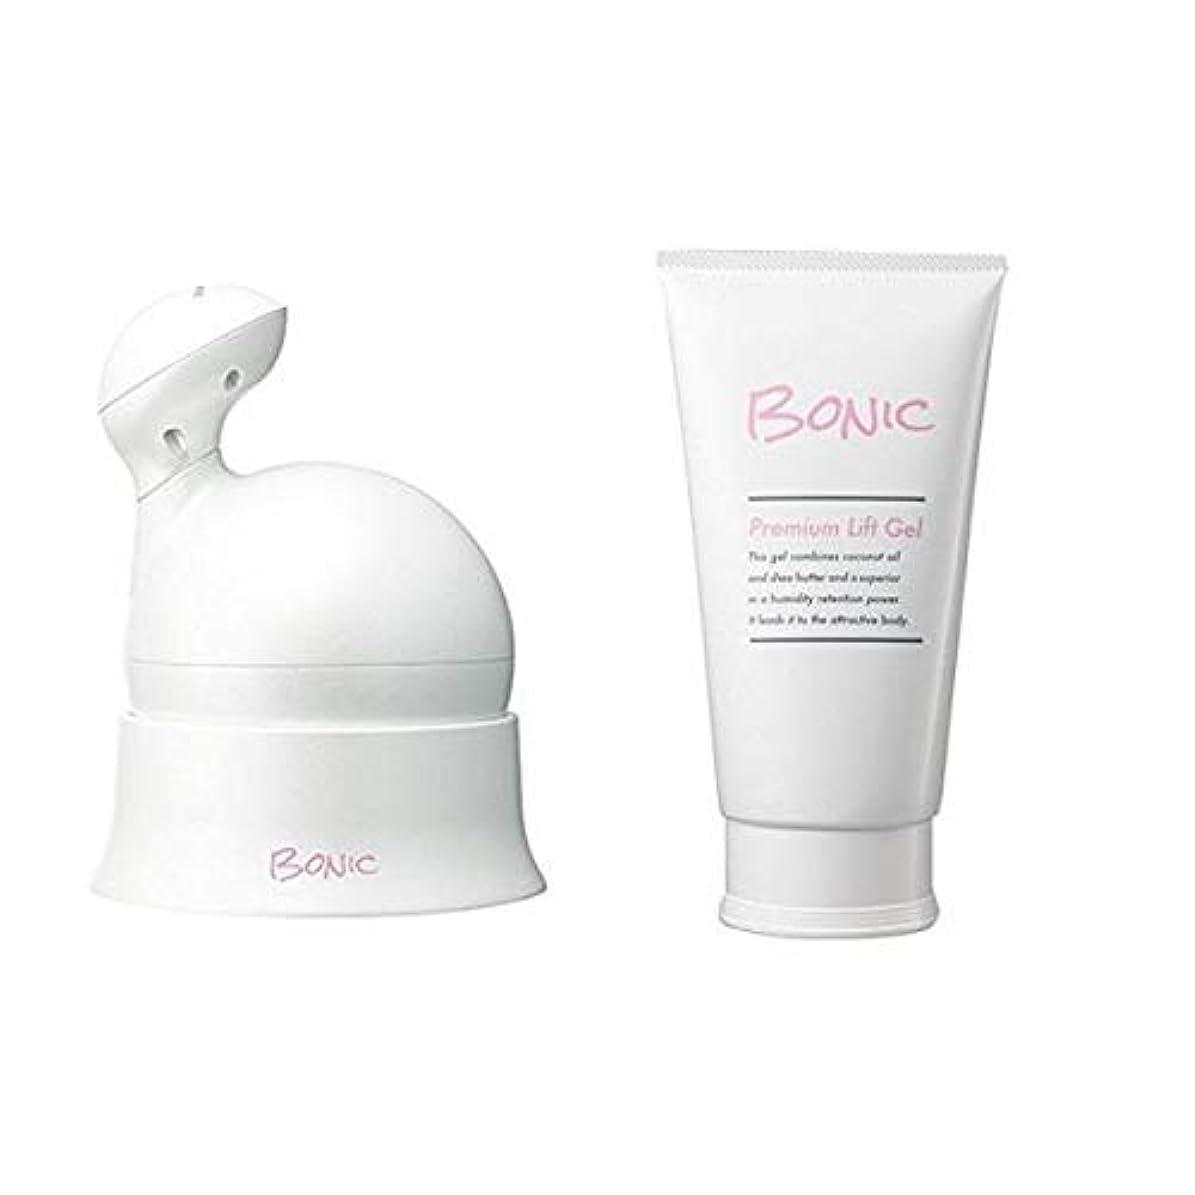 ボニックプロ BONIC Pro ボニックジェルプレミアムリフト(国内正規品/保証付)